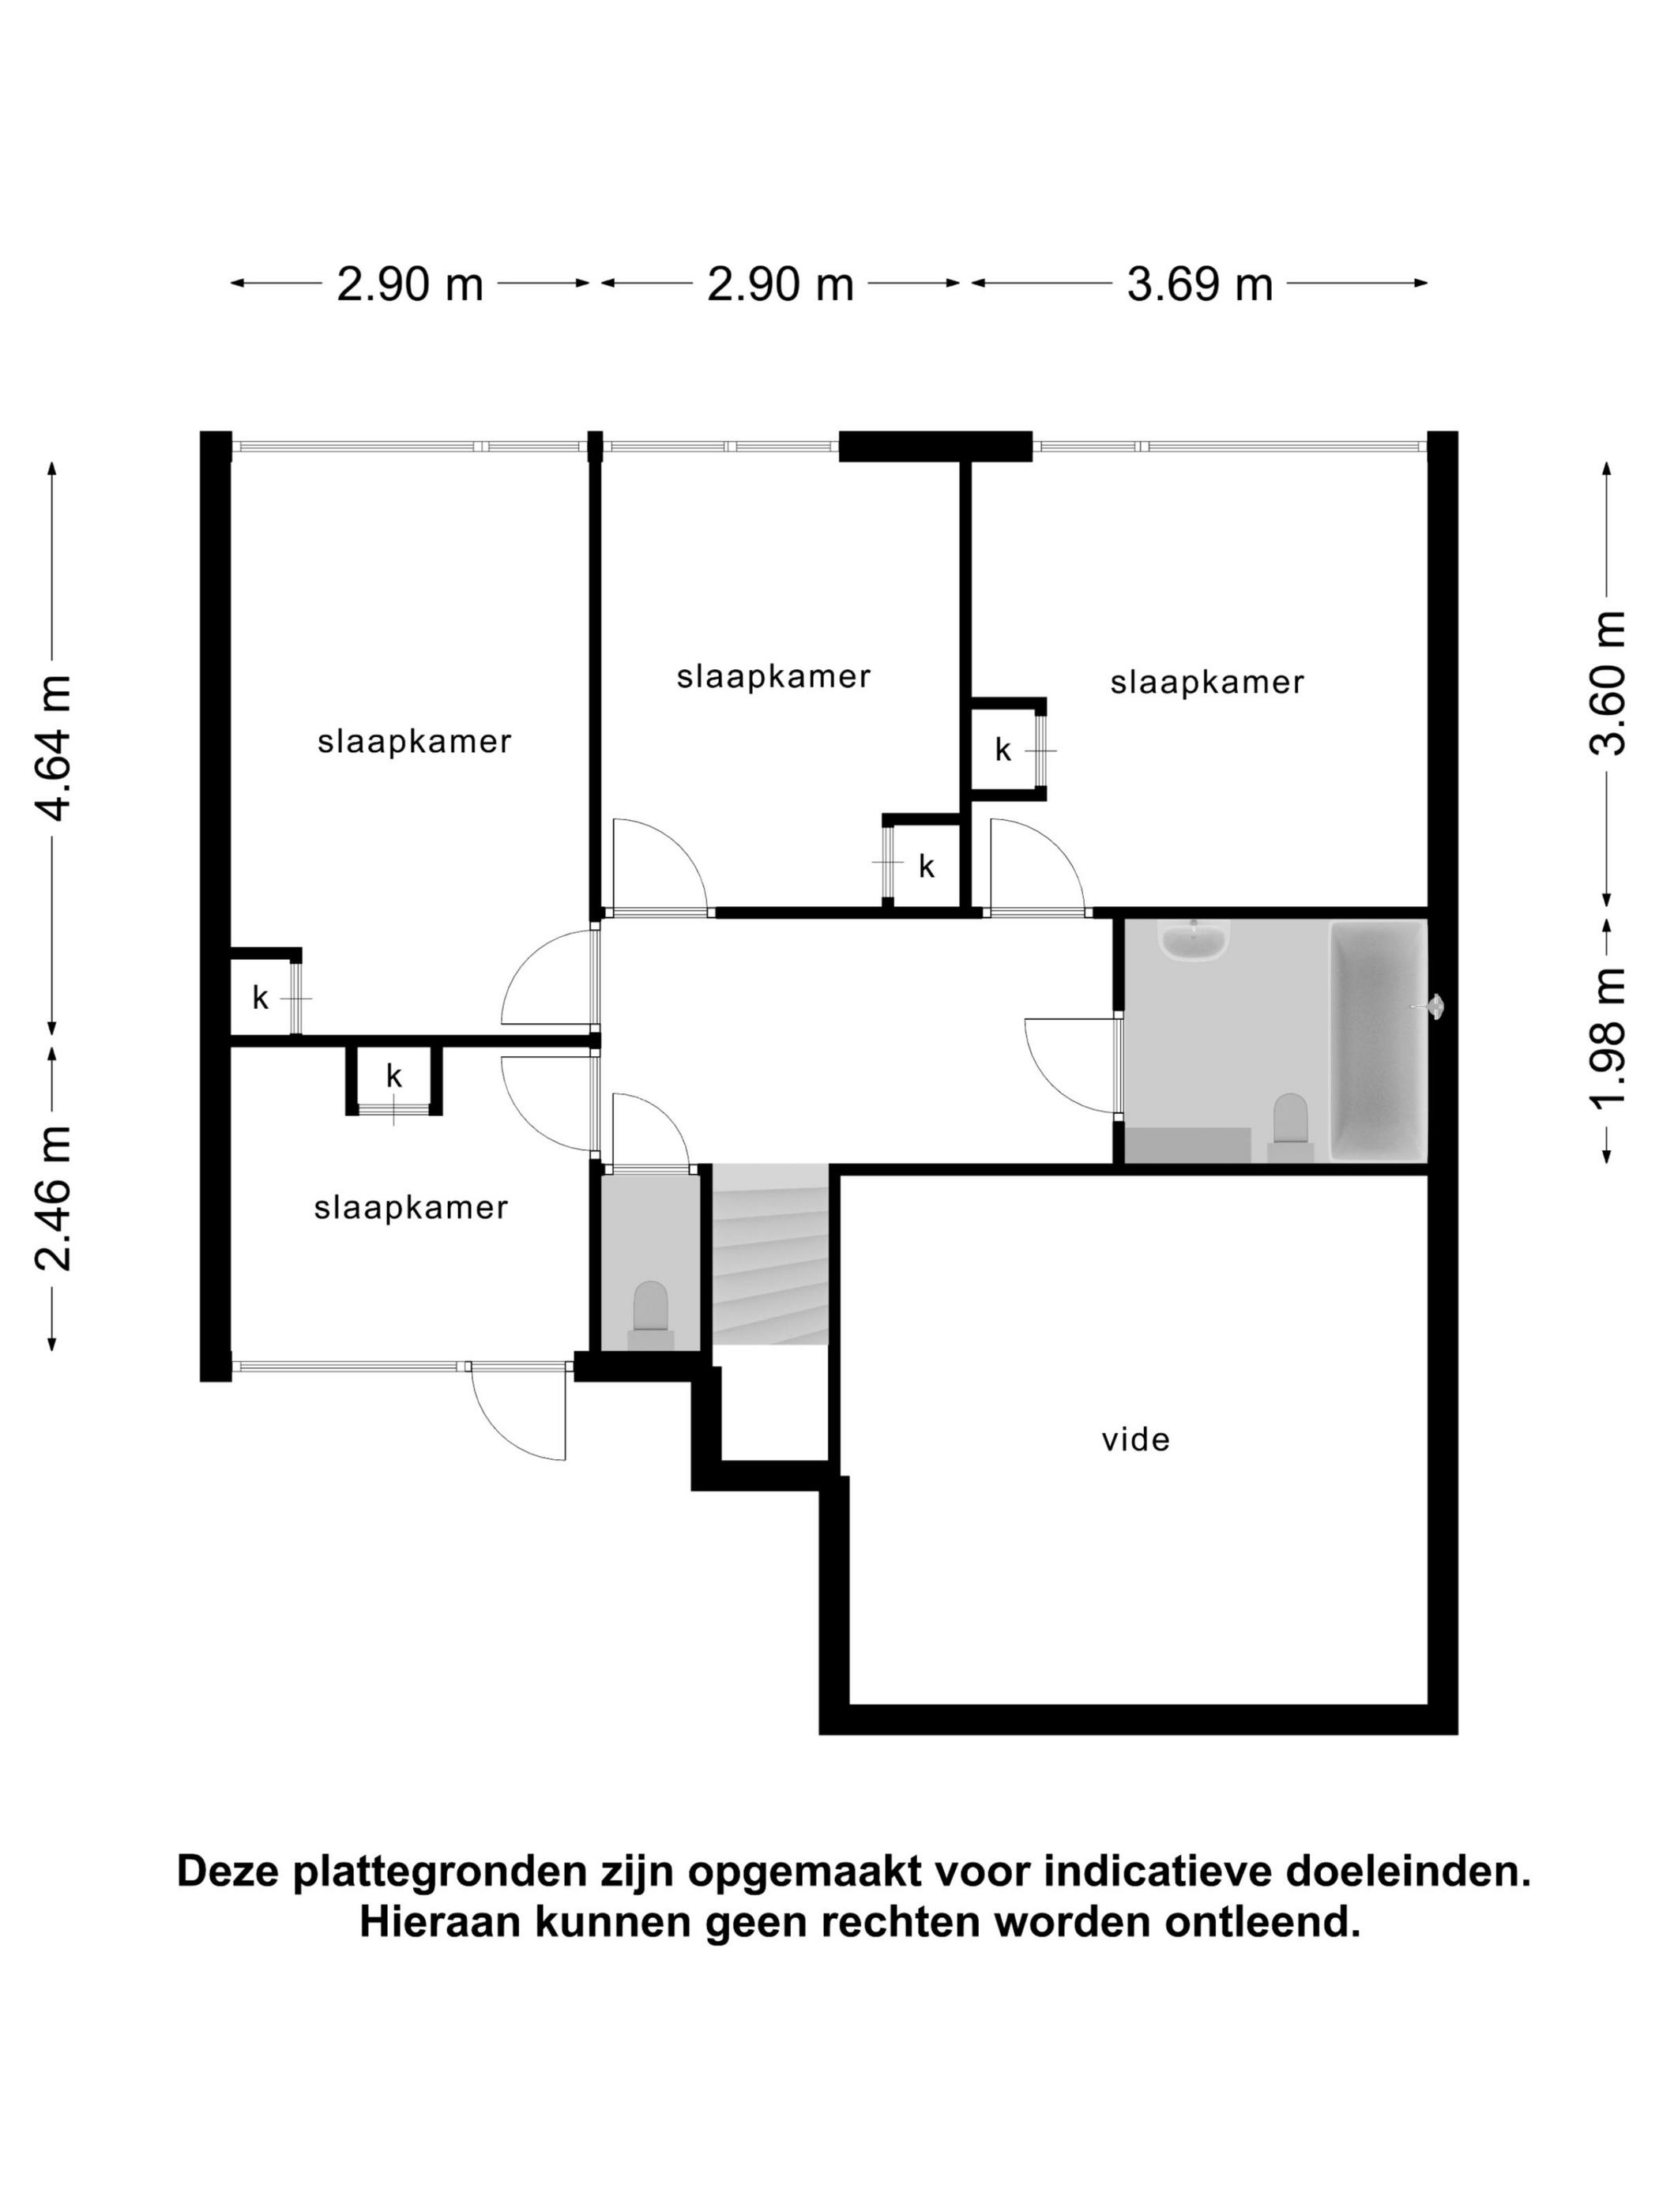 de-jagersherne-3-ijlst-plattegrond-37